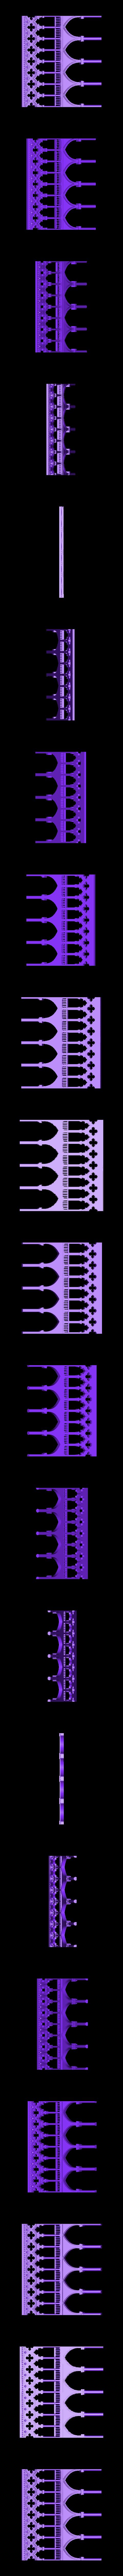 full_front1.stl Télécharger fichier STL gratuit Un peu de Venise sur le côté Warhammer 40k! • Plan pour imprimante 3D, Earsling